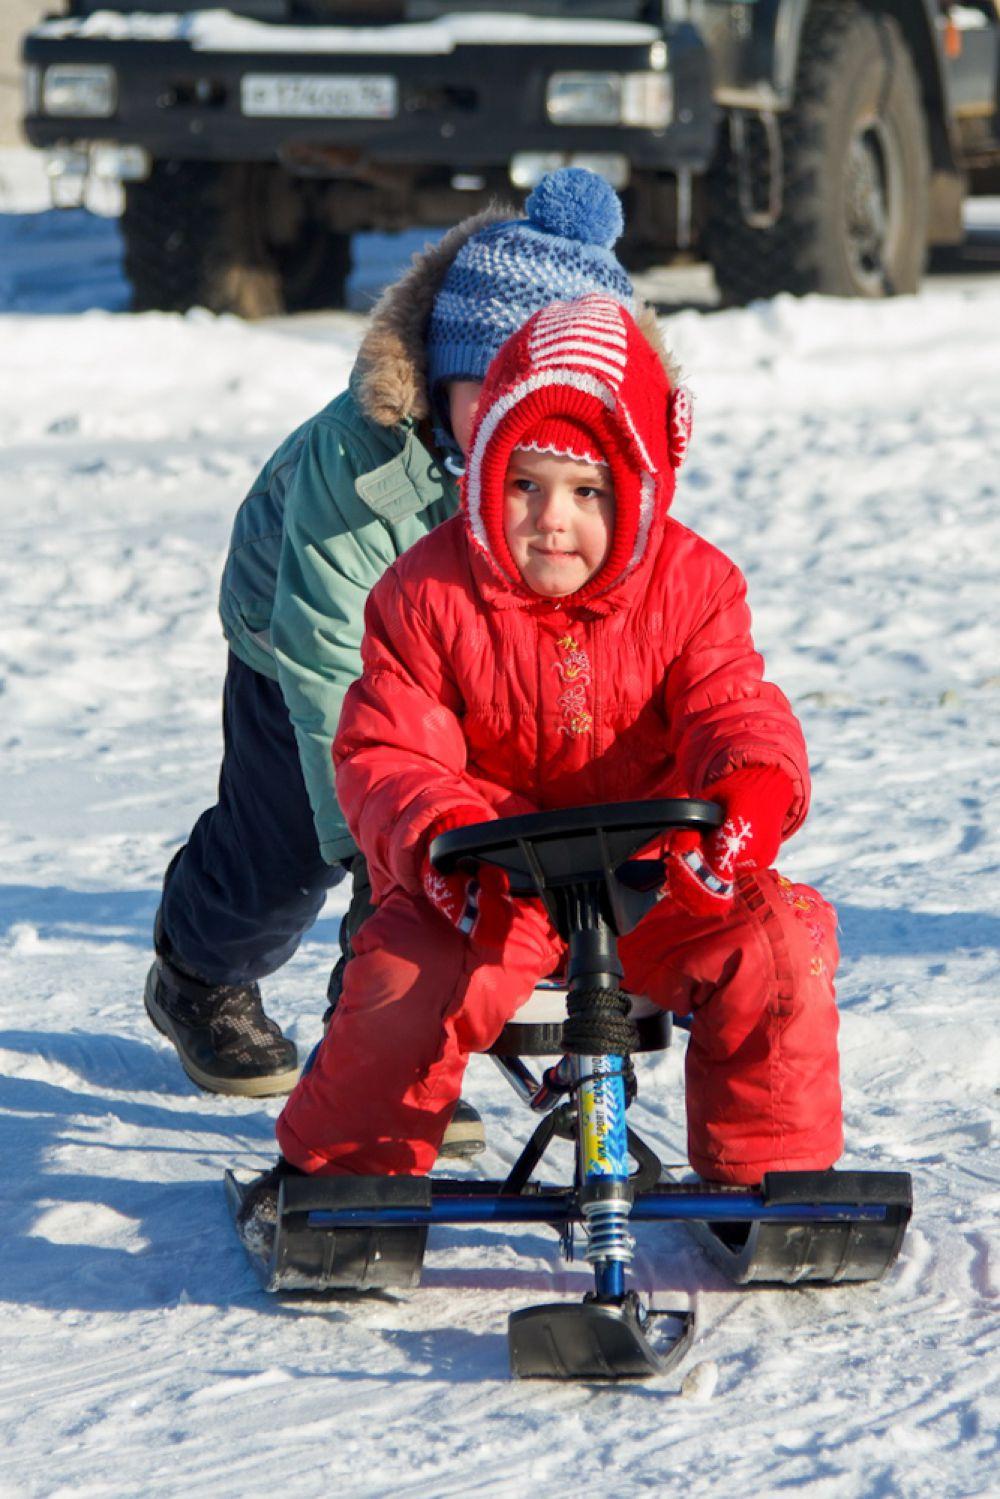 Эх, прокачу! Сегодня кавалеры катают дам не на тройке, а на снегокате.